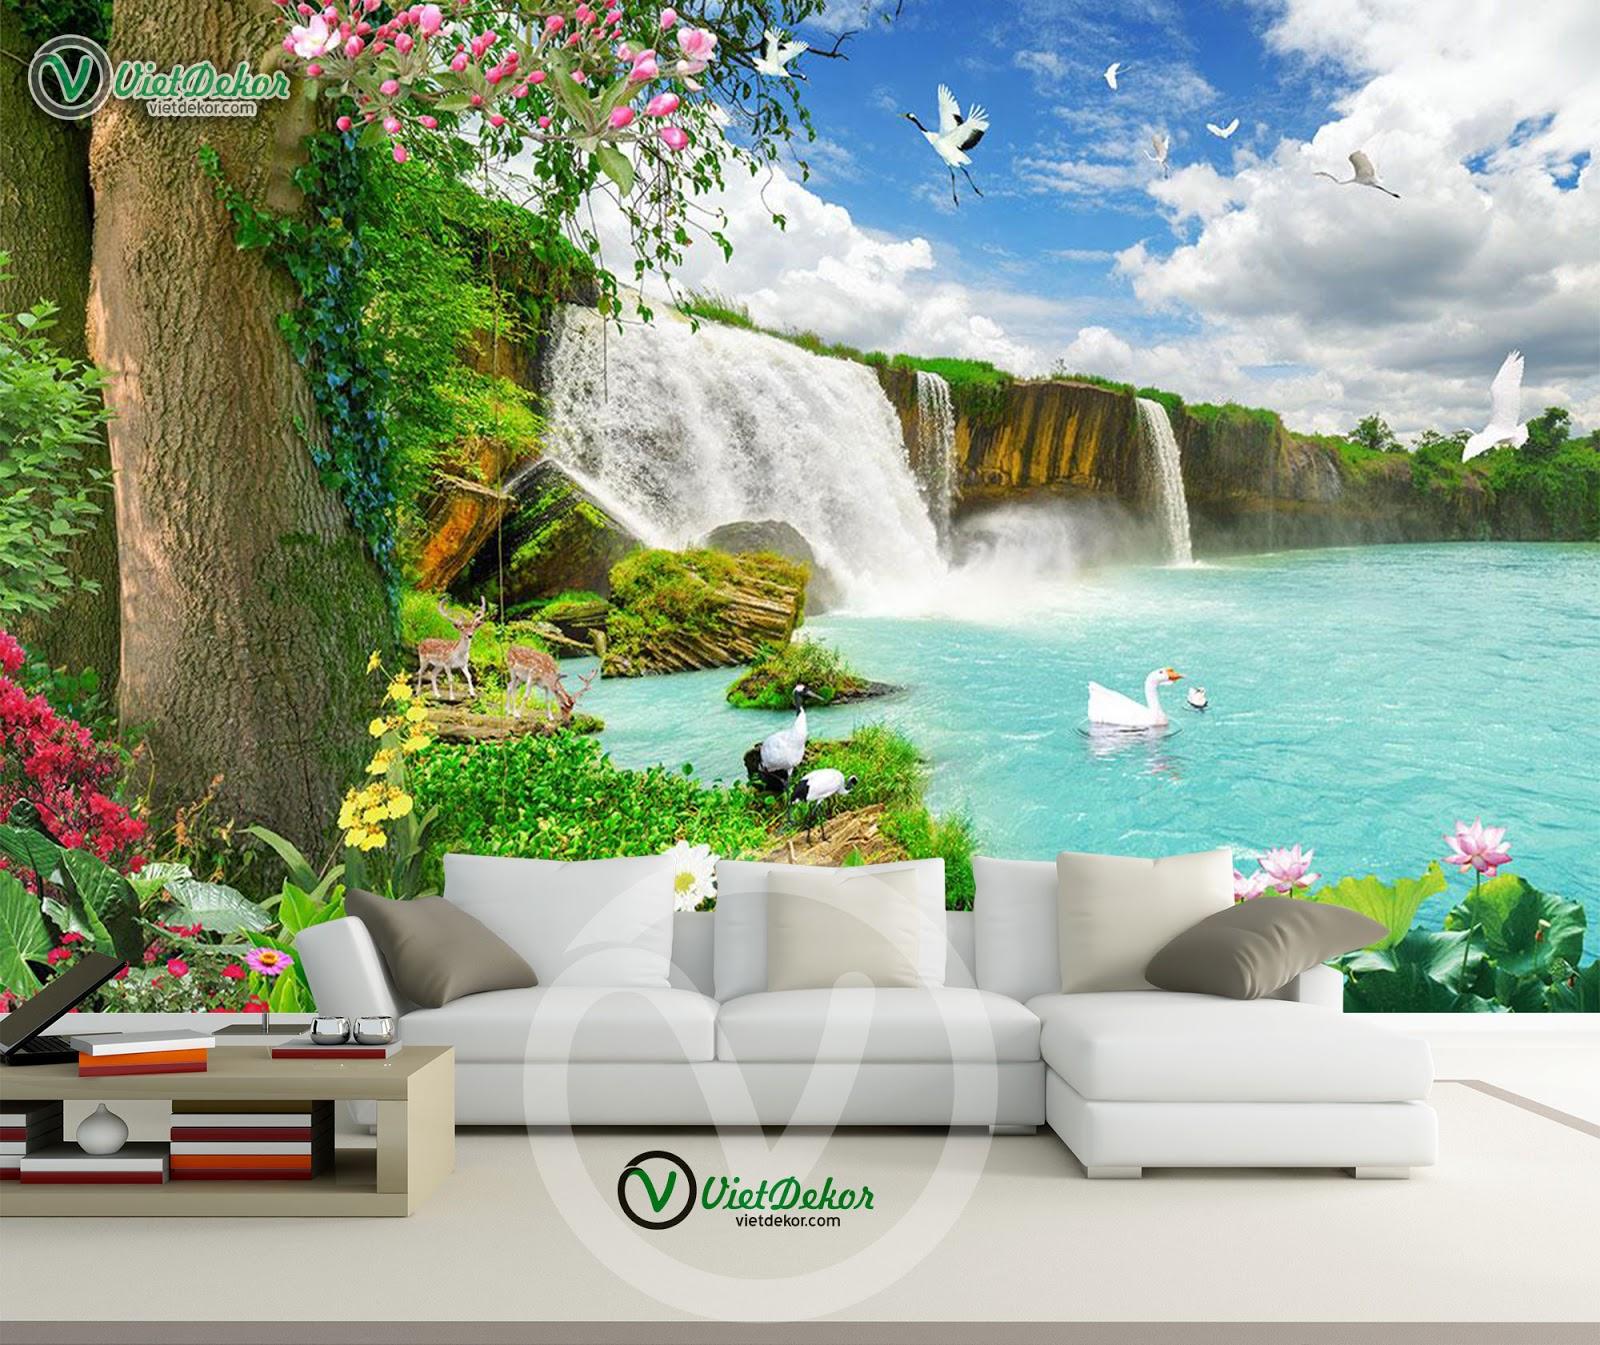 Tranh dán tường phong cảnh cho phòng khách đẹp